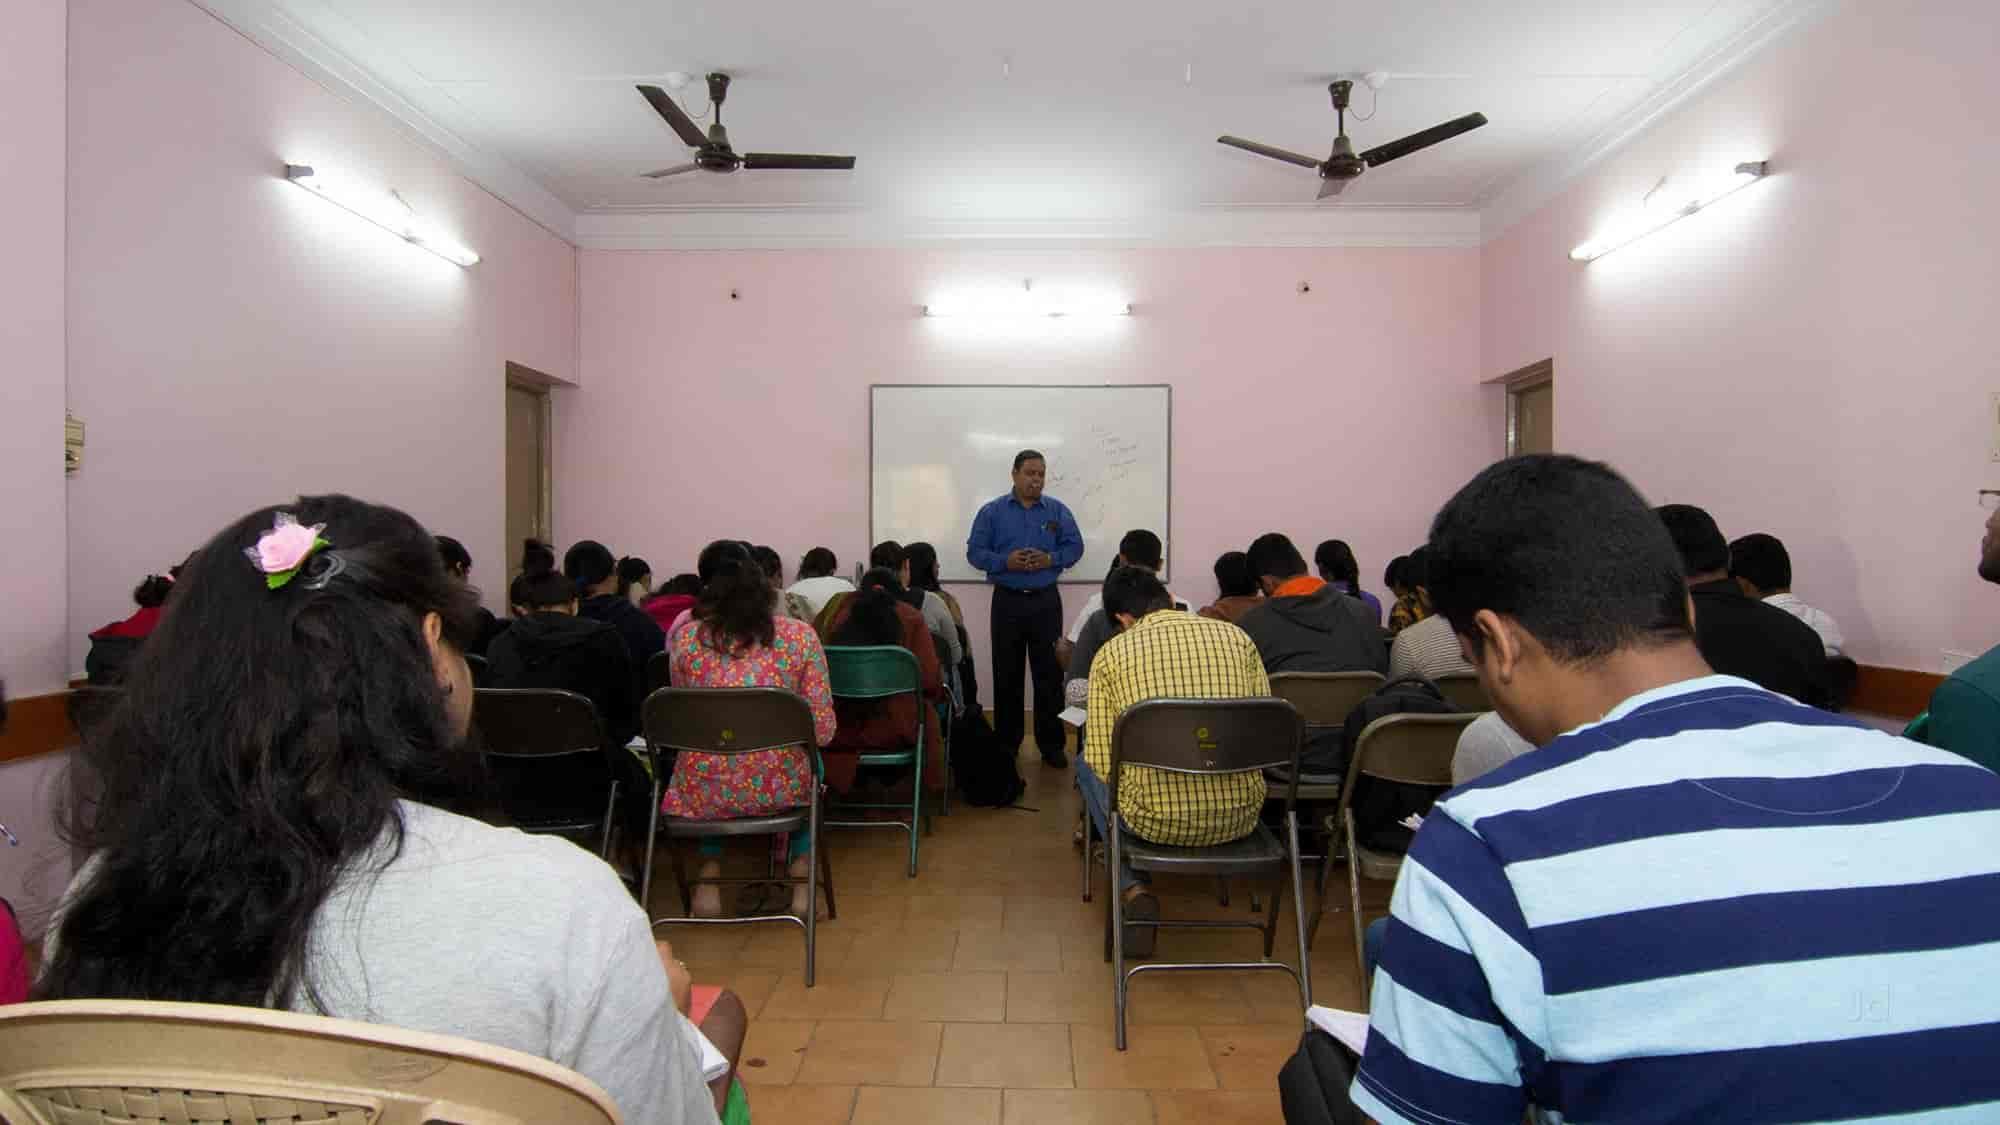 Top 30 puc tutorials in basavanagudi best coaching class puc ii.